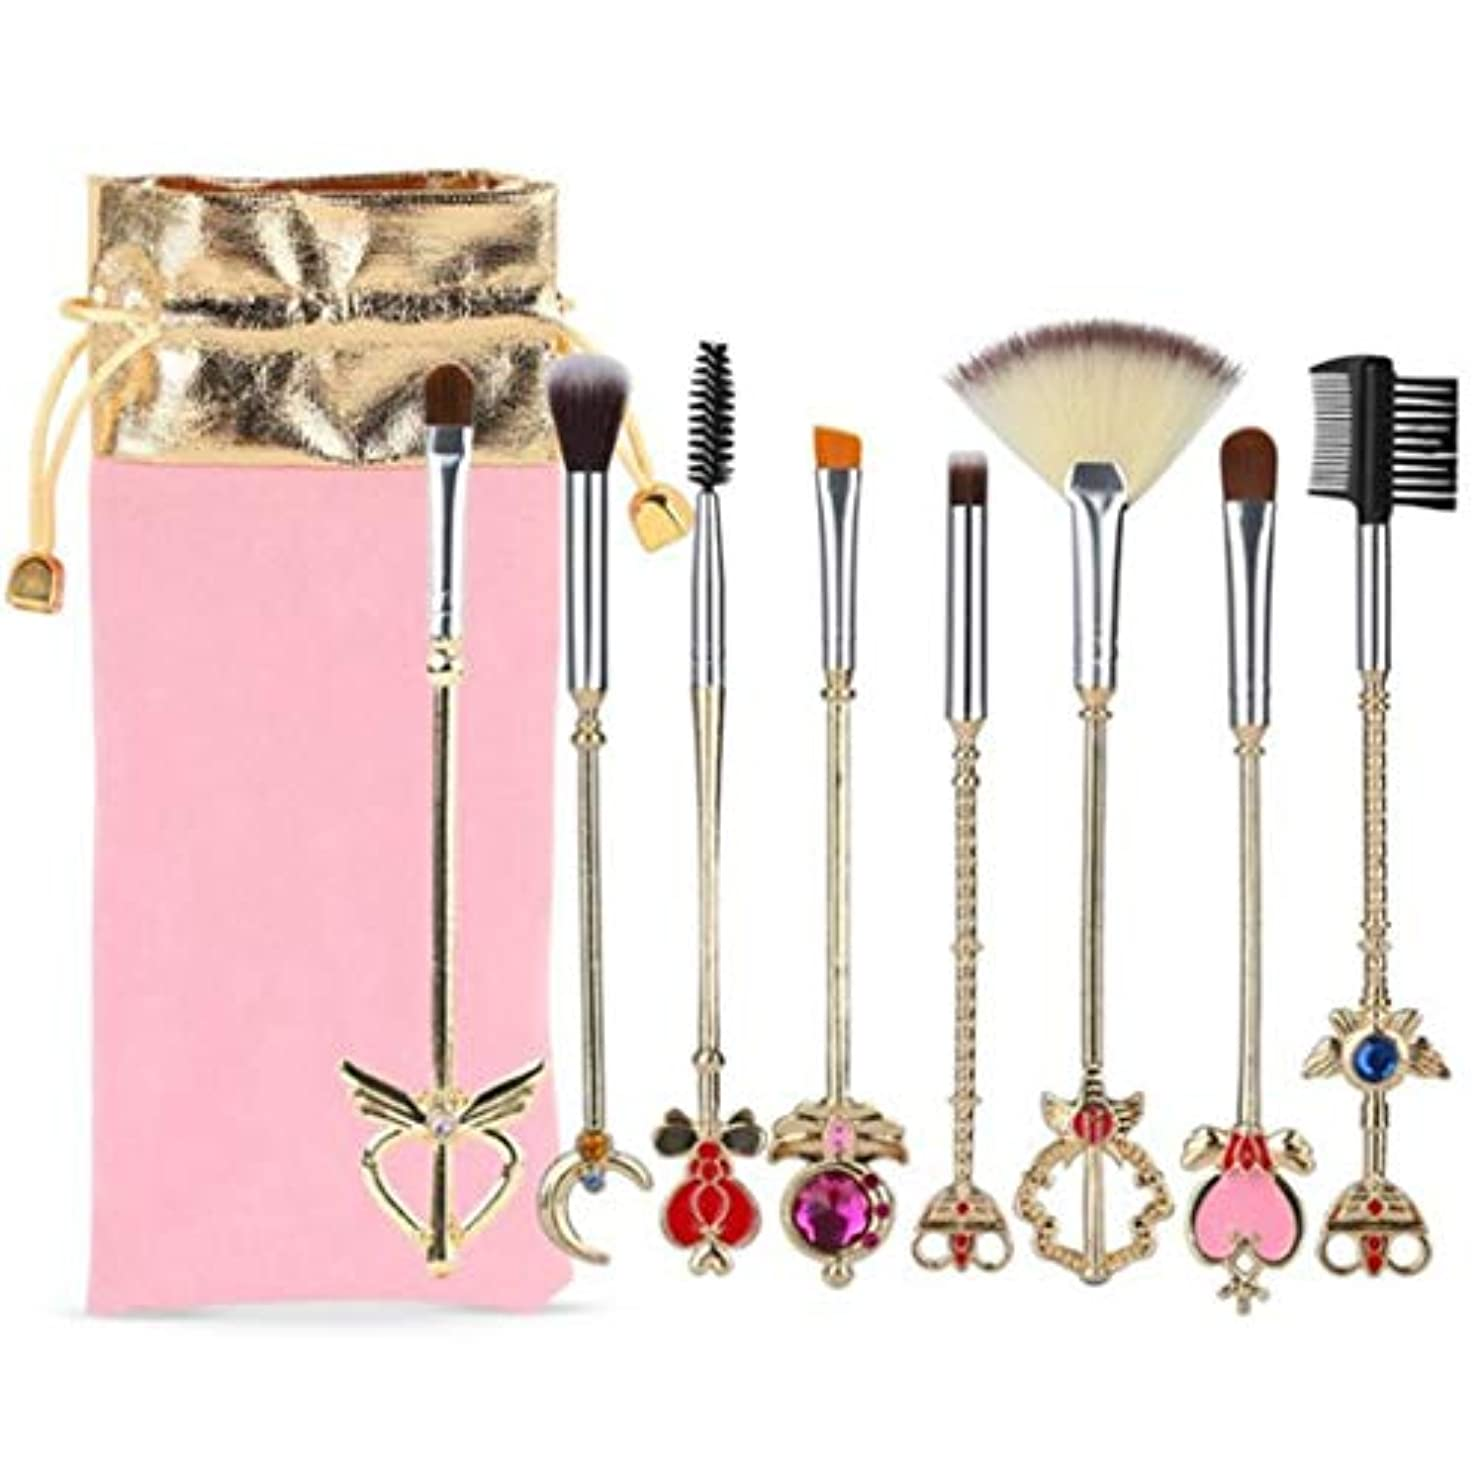 例外もっと洗うOU-Kunmlef 信頼できる8 PCセーラームーン化粧ブラシは、ポーチ、魔法の女の子ゴールドcardcaptor桜の化粧品ブラシとセットをドローストリングバッグ